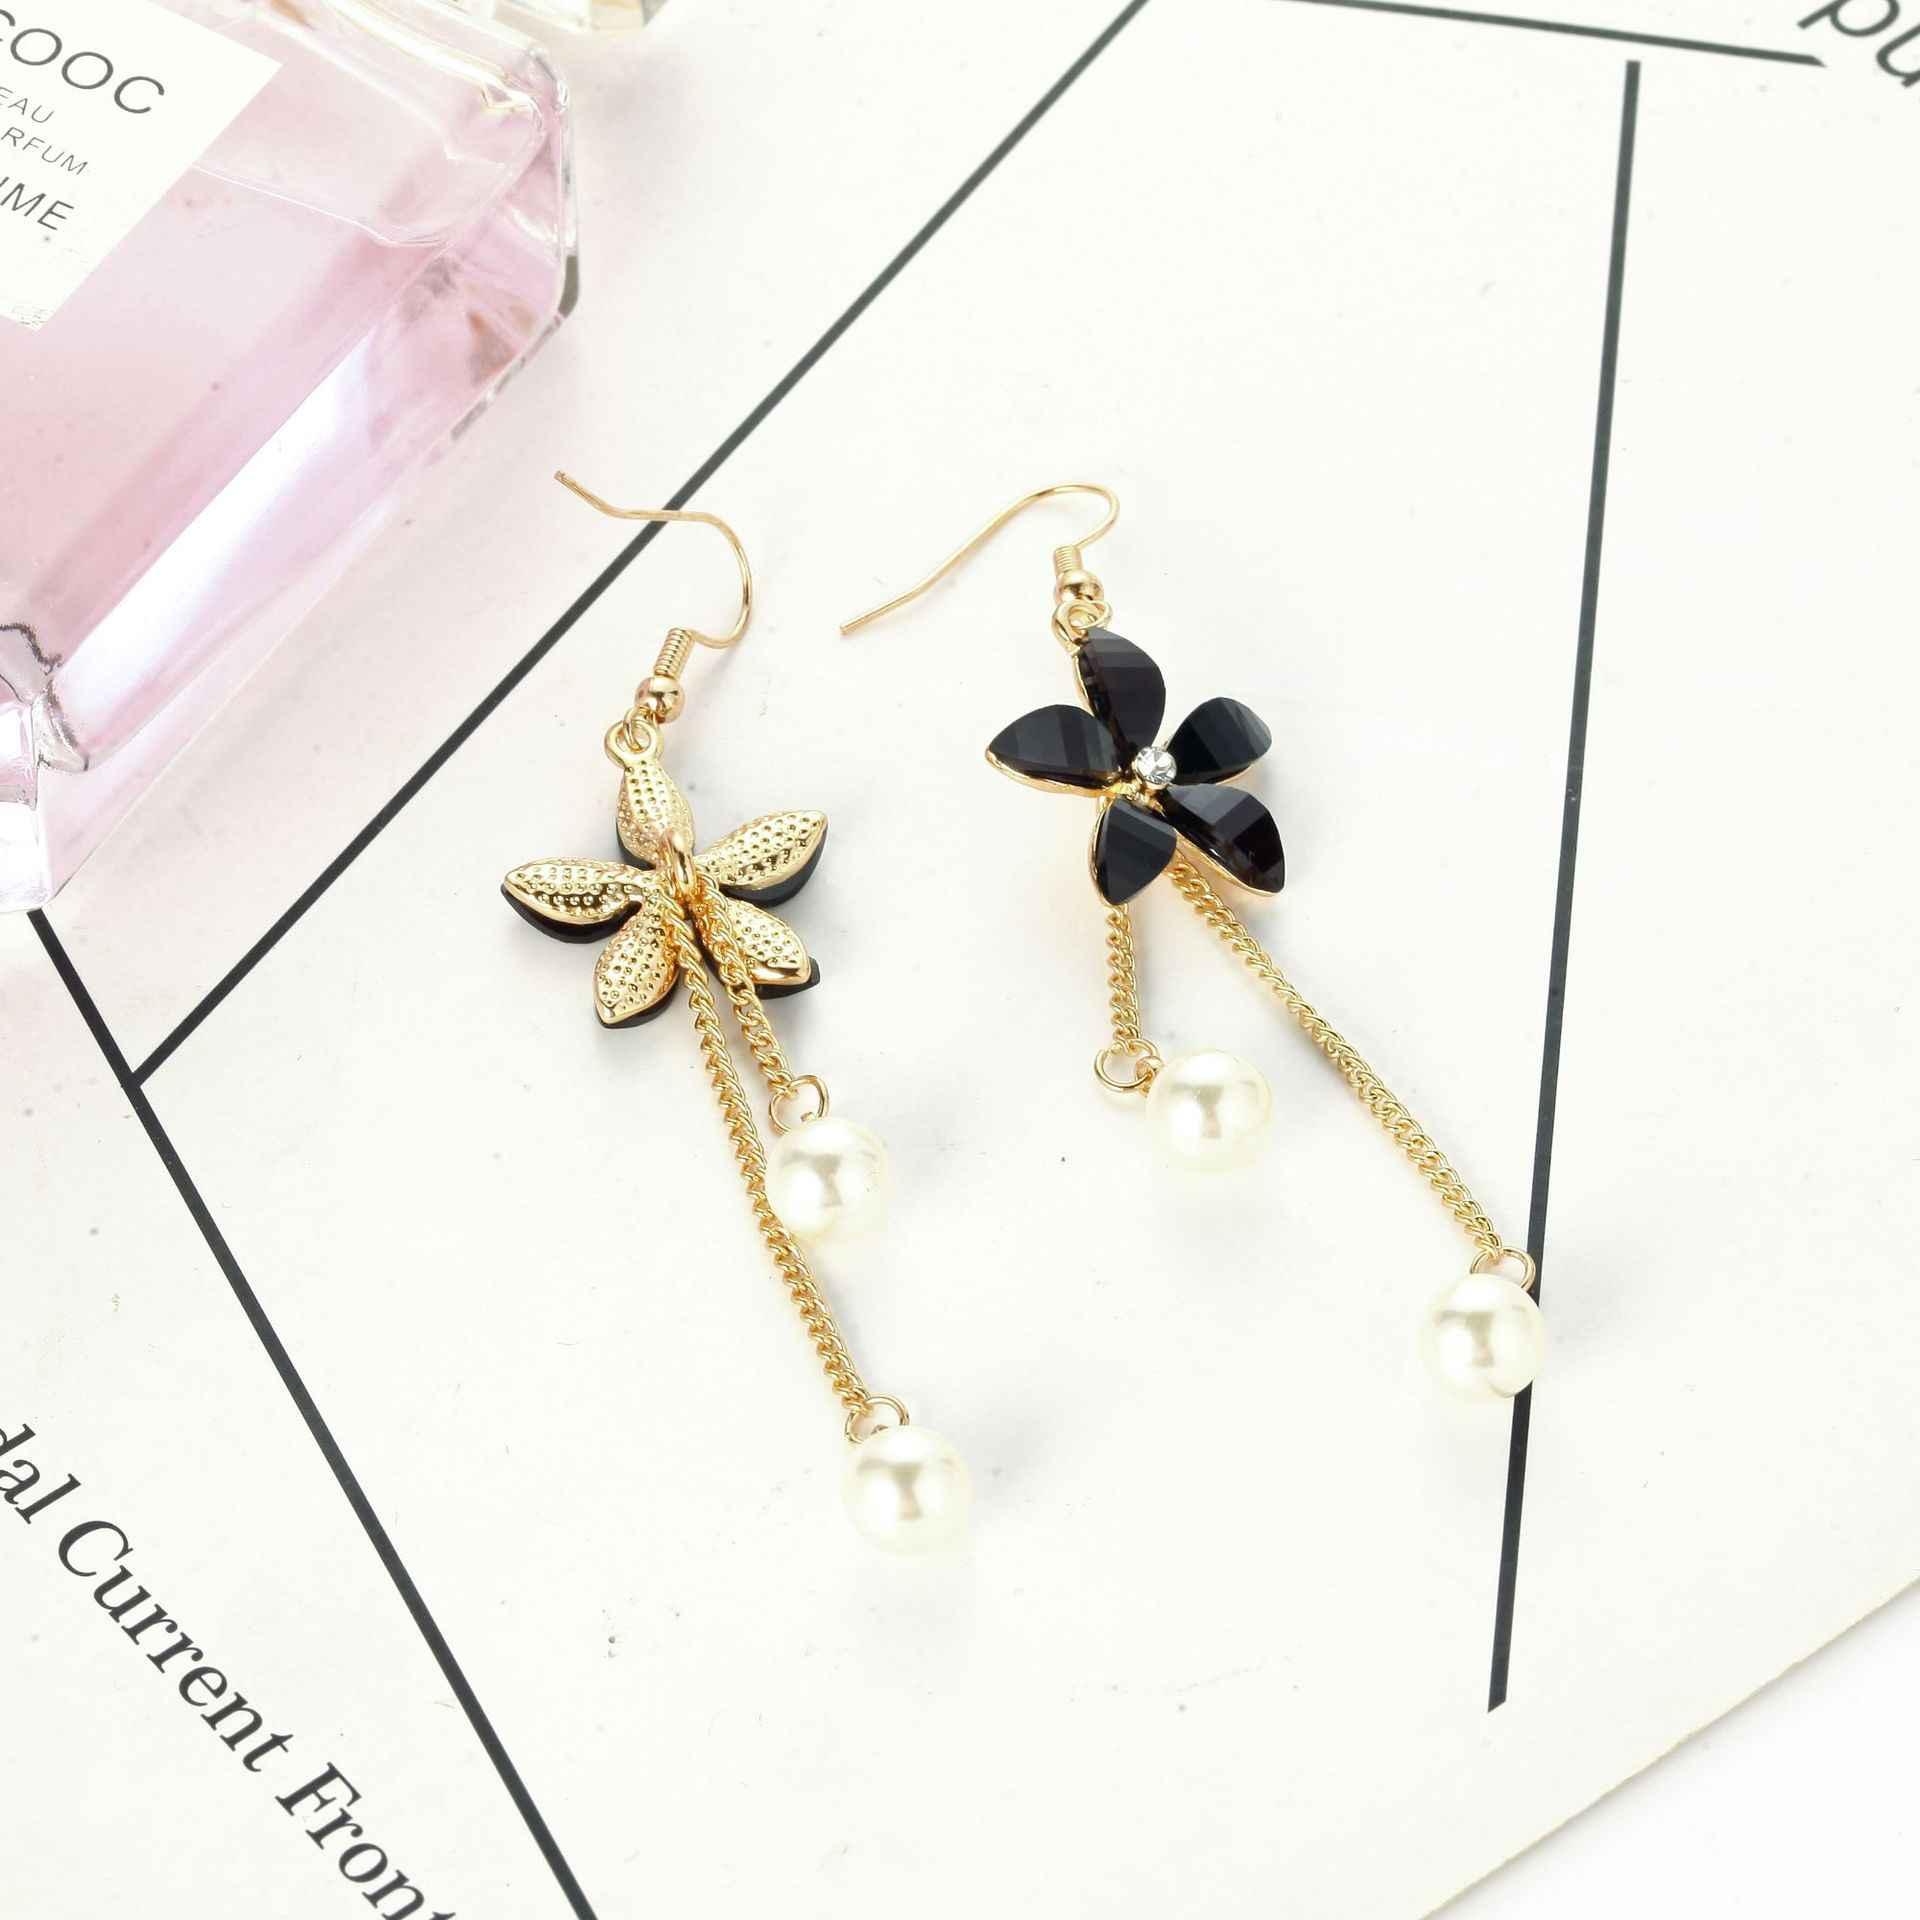 2019 spersonalizowane perła kolczyk kwiat proste joker wisiorek długie kolczyki prezent urodzinowy dla kobiet